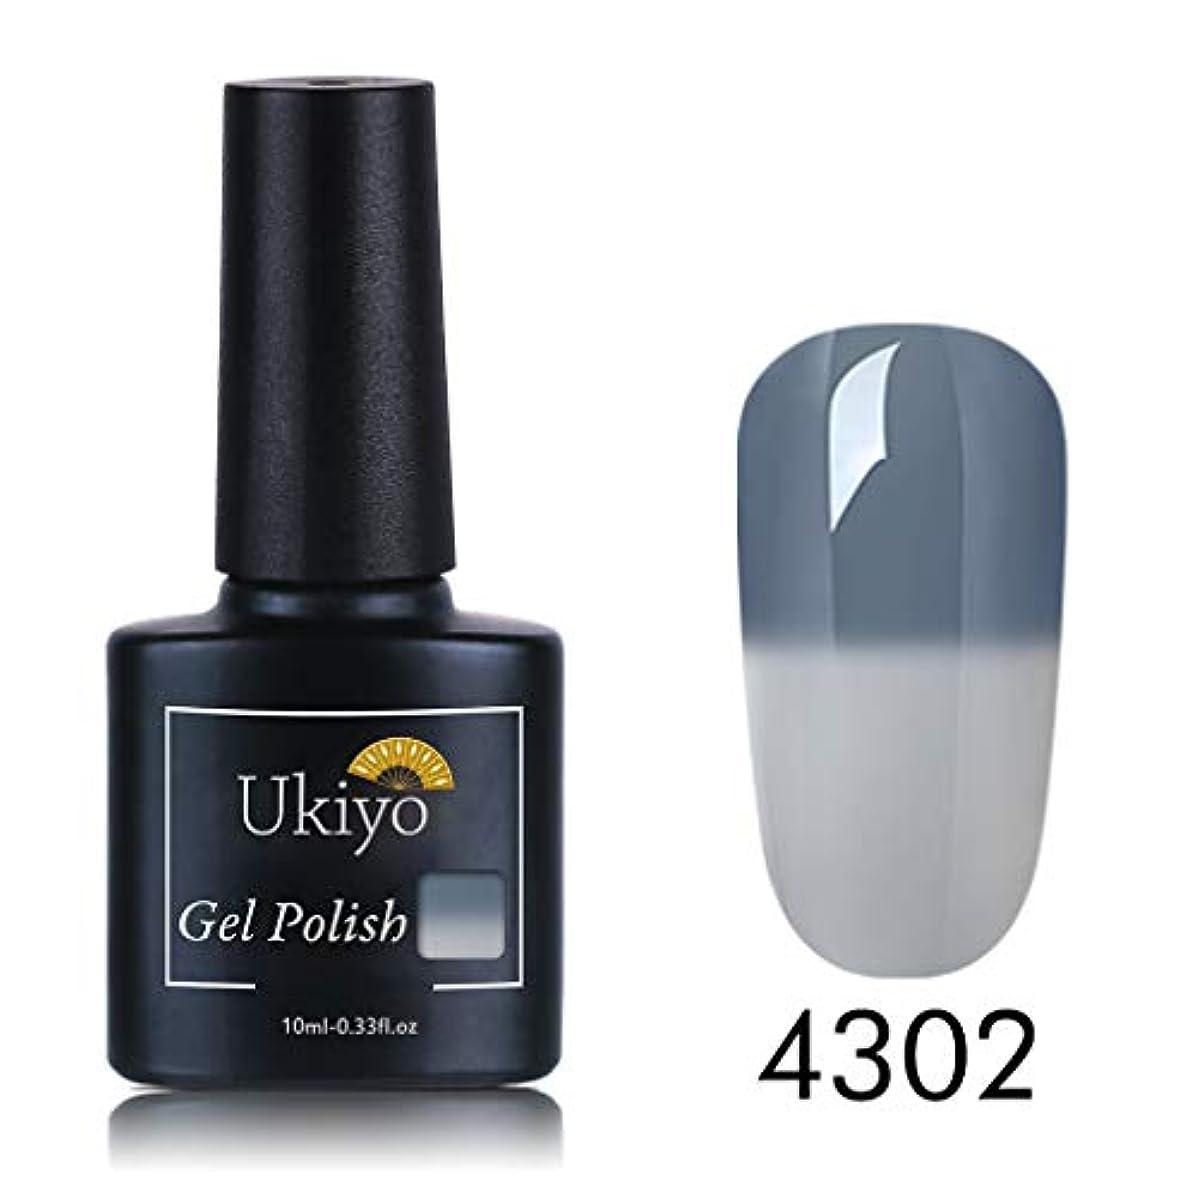 鎖泥充電Ukiyo ジェルネイル カラージェル グレー カメレオンカラージェル 温度により色が変化 1色入り 10ml 【全6色選択可】